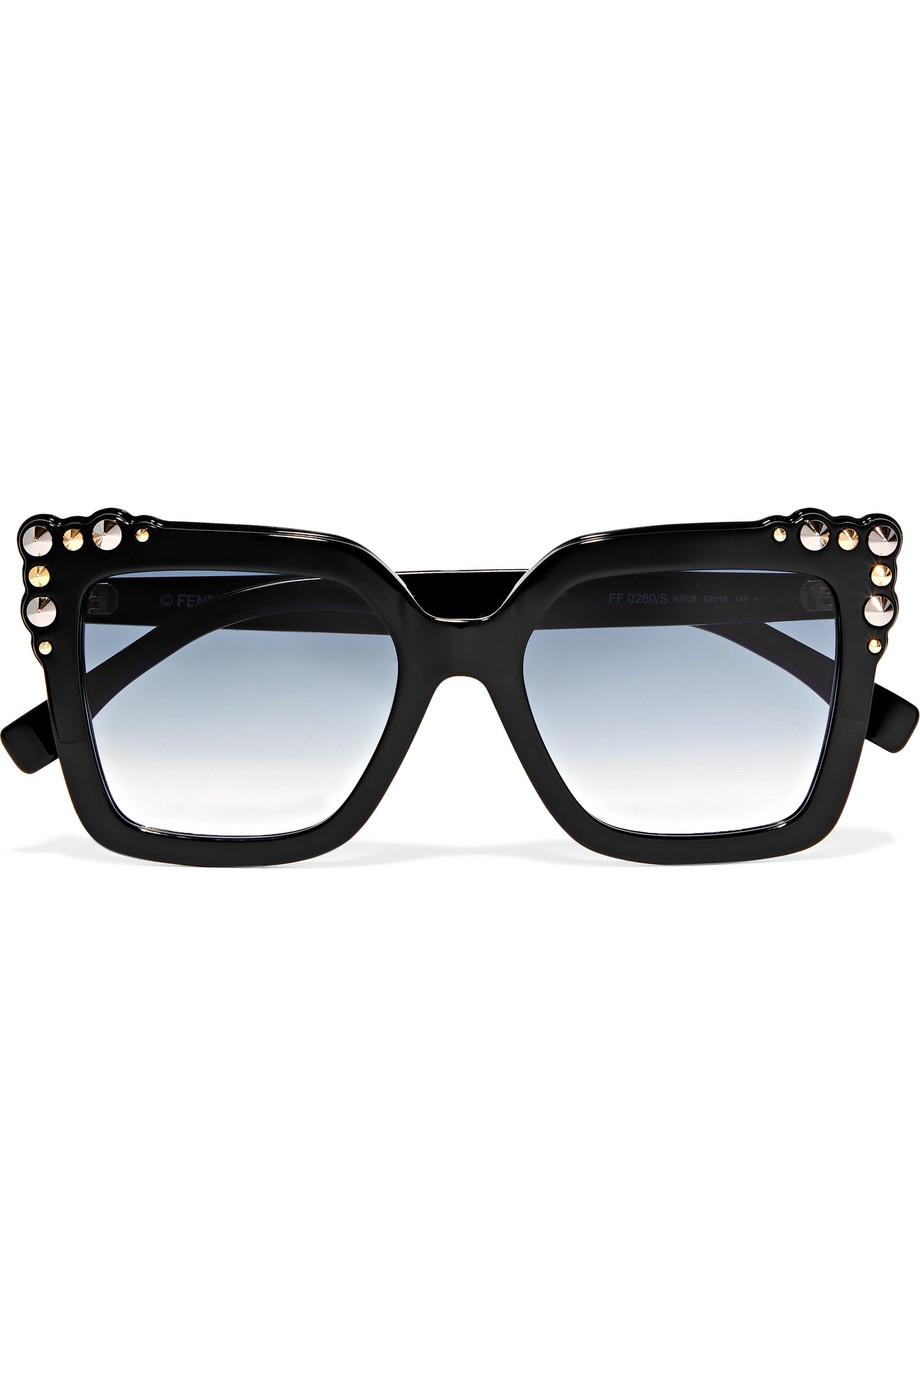 0ff80359f إذا كان وجهك على شكل القلب أي أن جبهتك عريضة وعظام خديك بارزتين وذقنك ضيق،  فإن النظارات ذات إطارات محددة هي الخيار الأنسب لك، مثل النظارات التي تشتهر  باسم ...